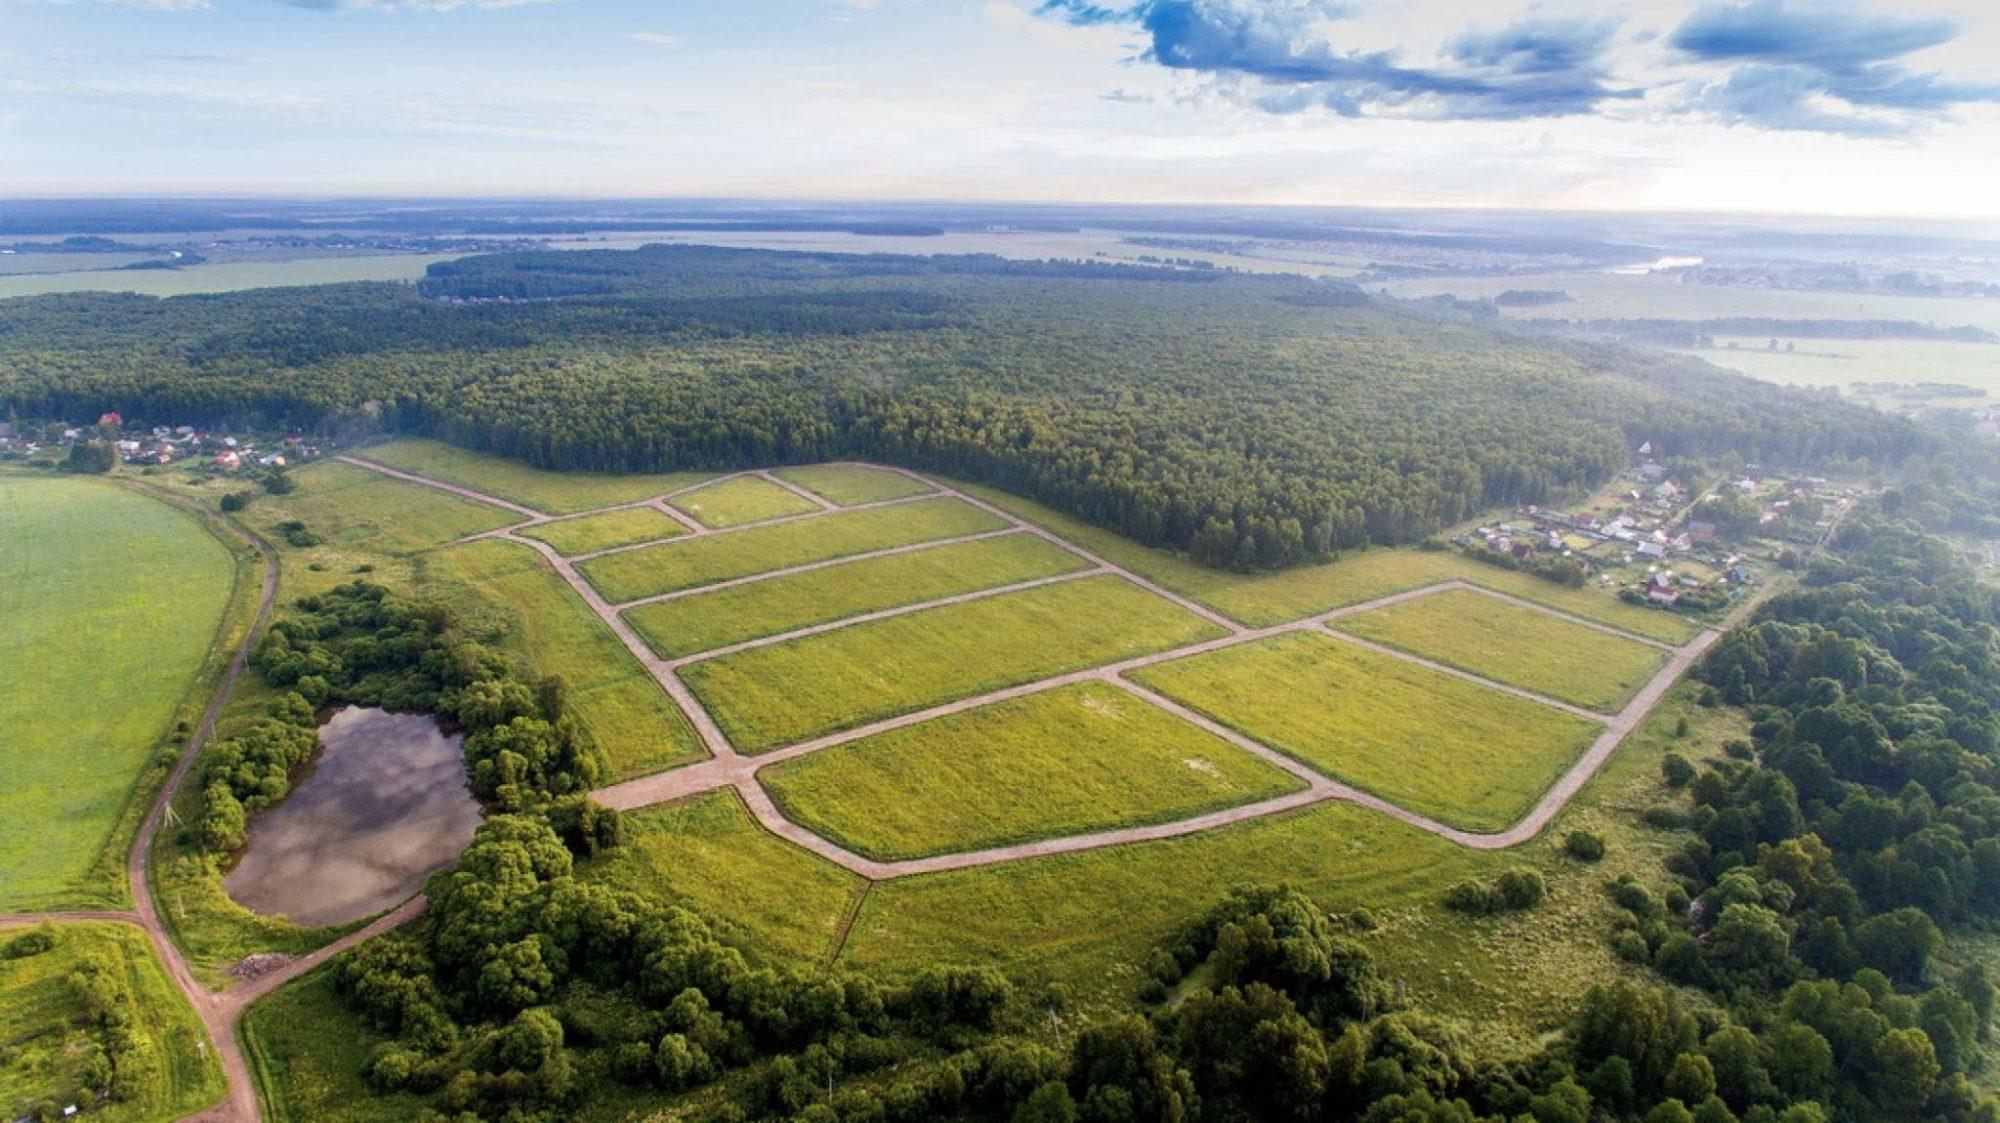 Група шахраїв продавали чужі земельні ділянки -  - d46fbd525dcba2d3511d011b827923ed 2000x1123